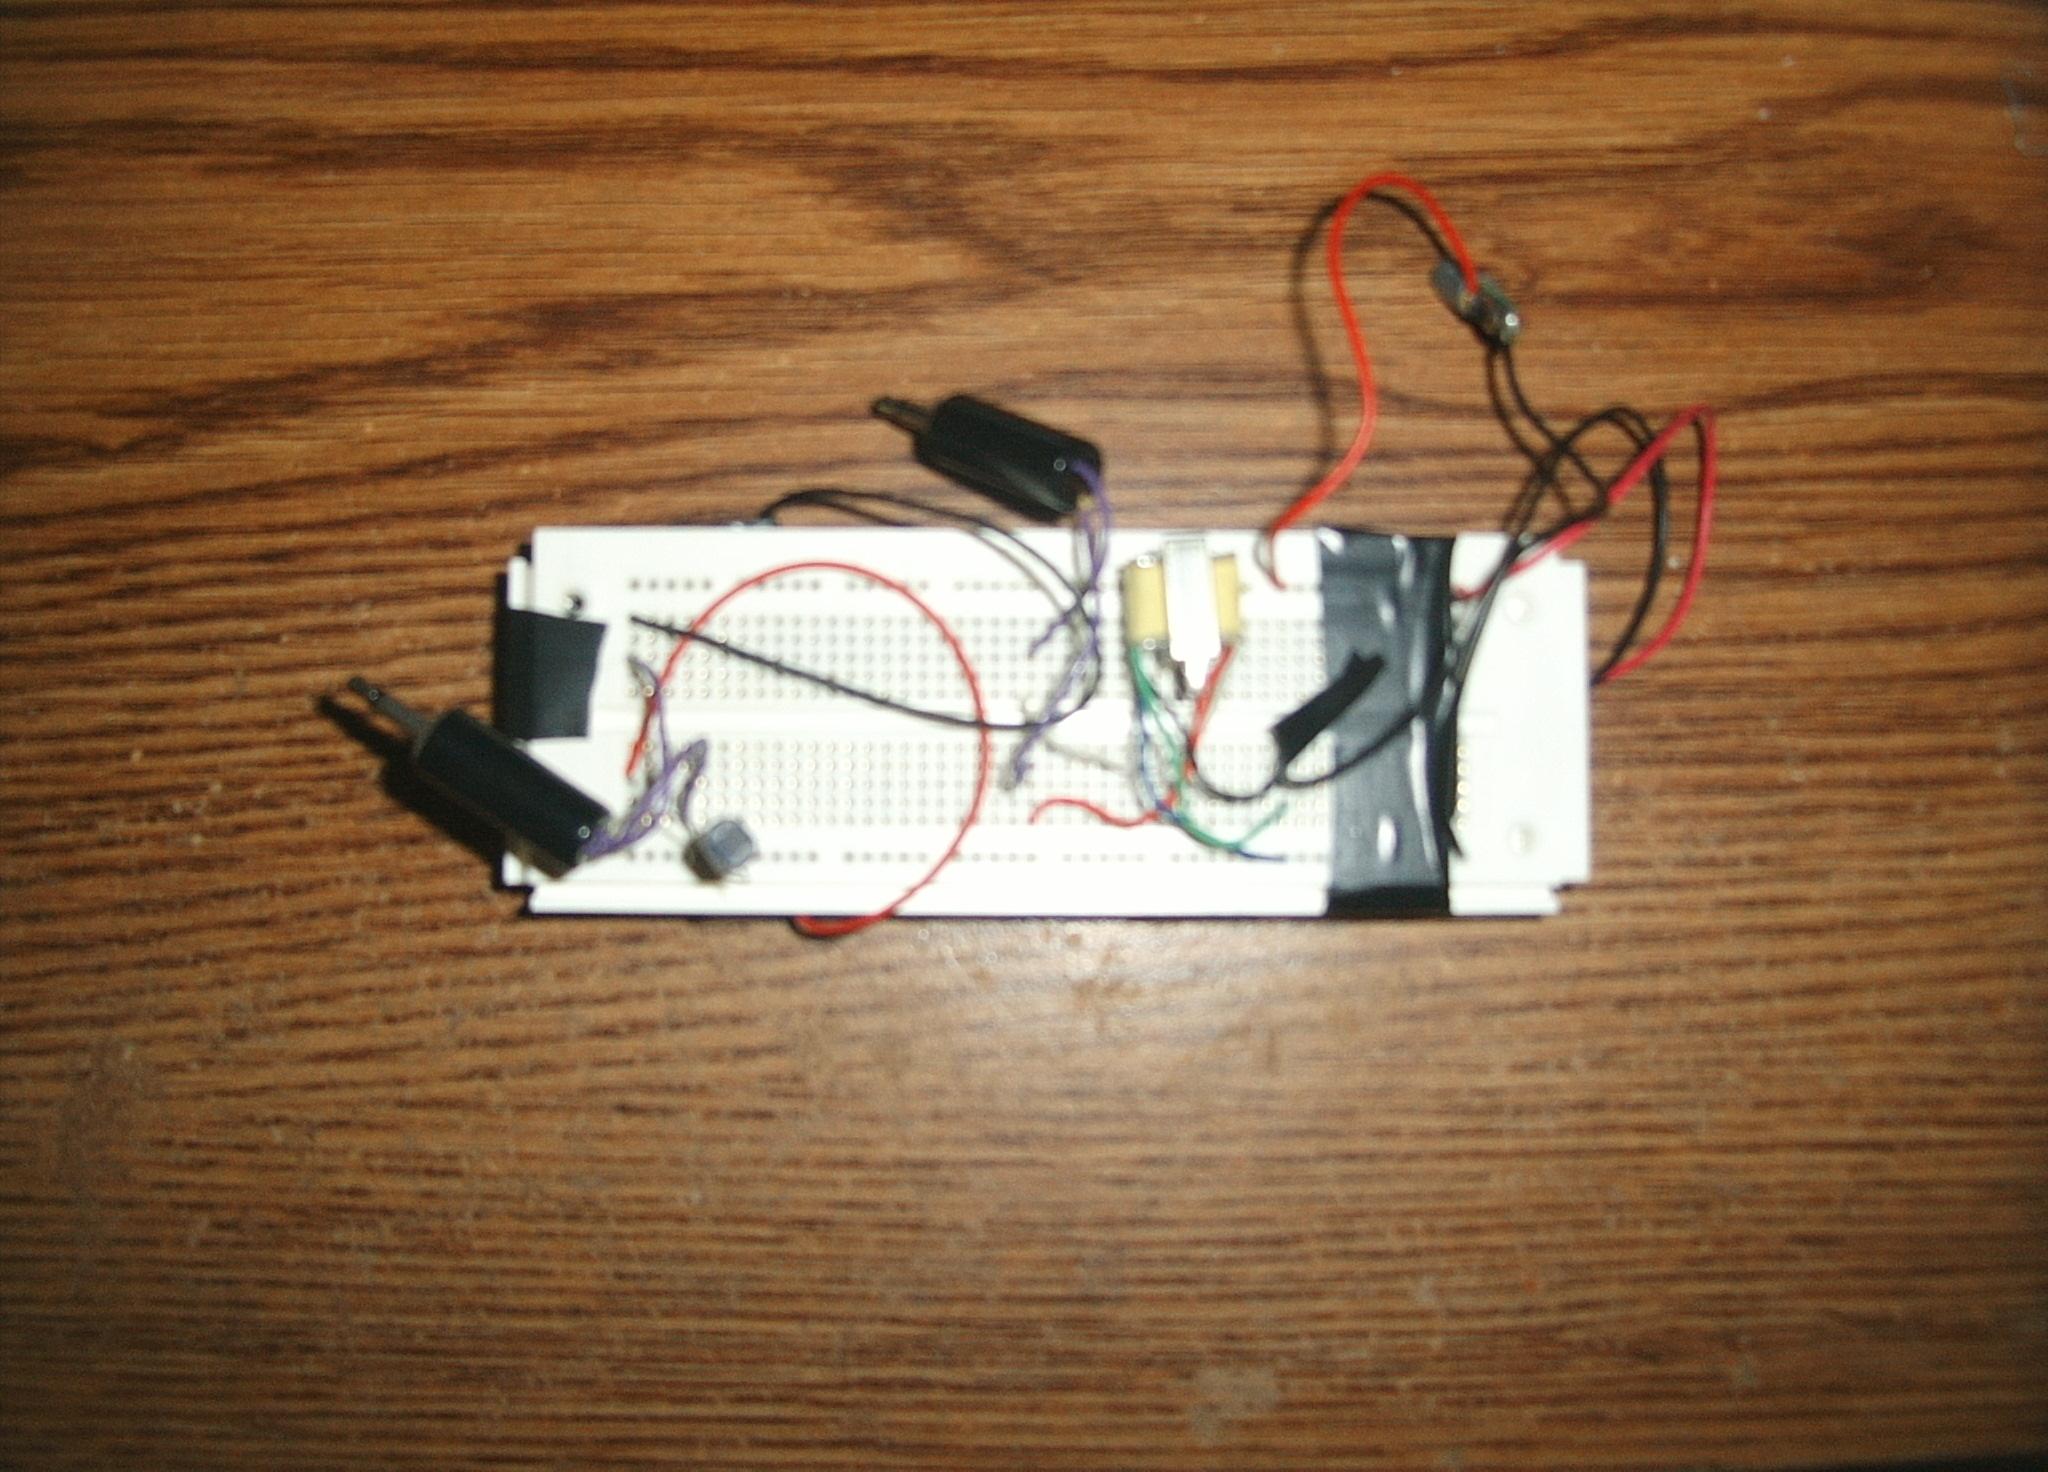 Transfer Sound on a Laser